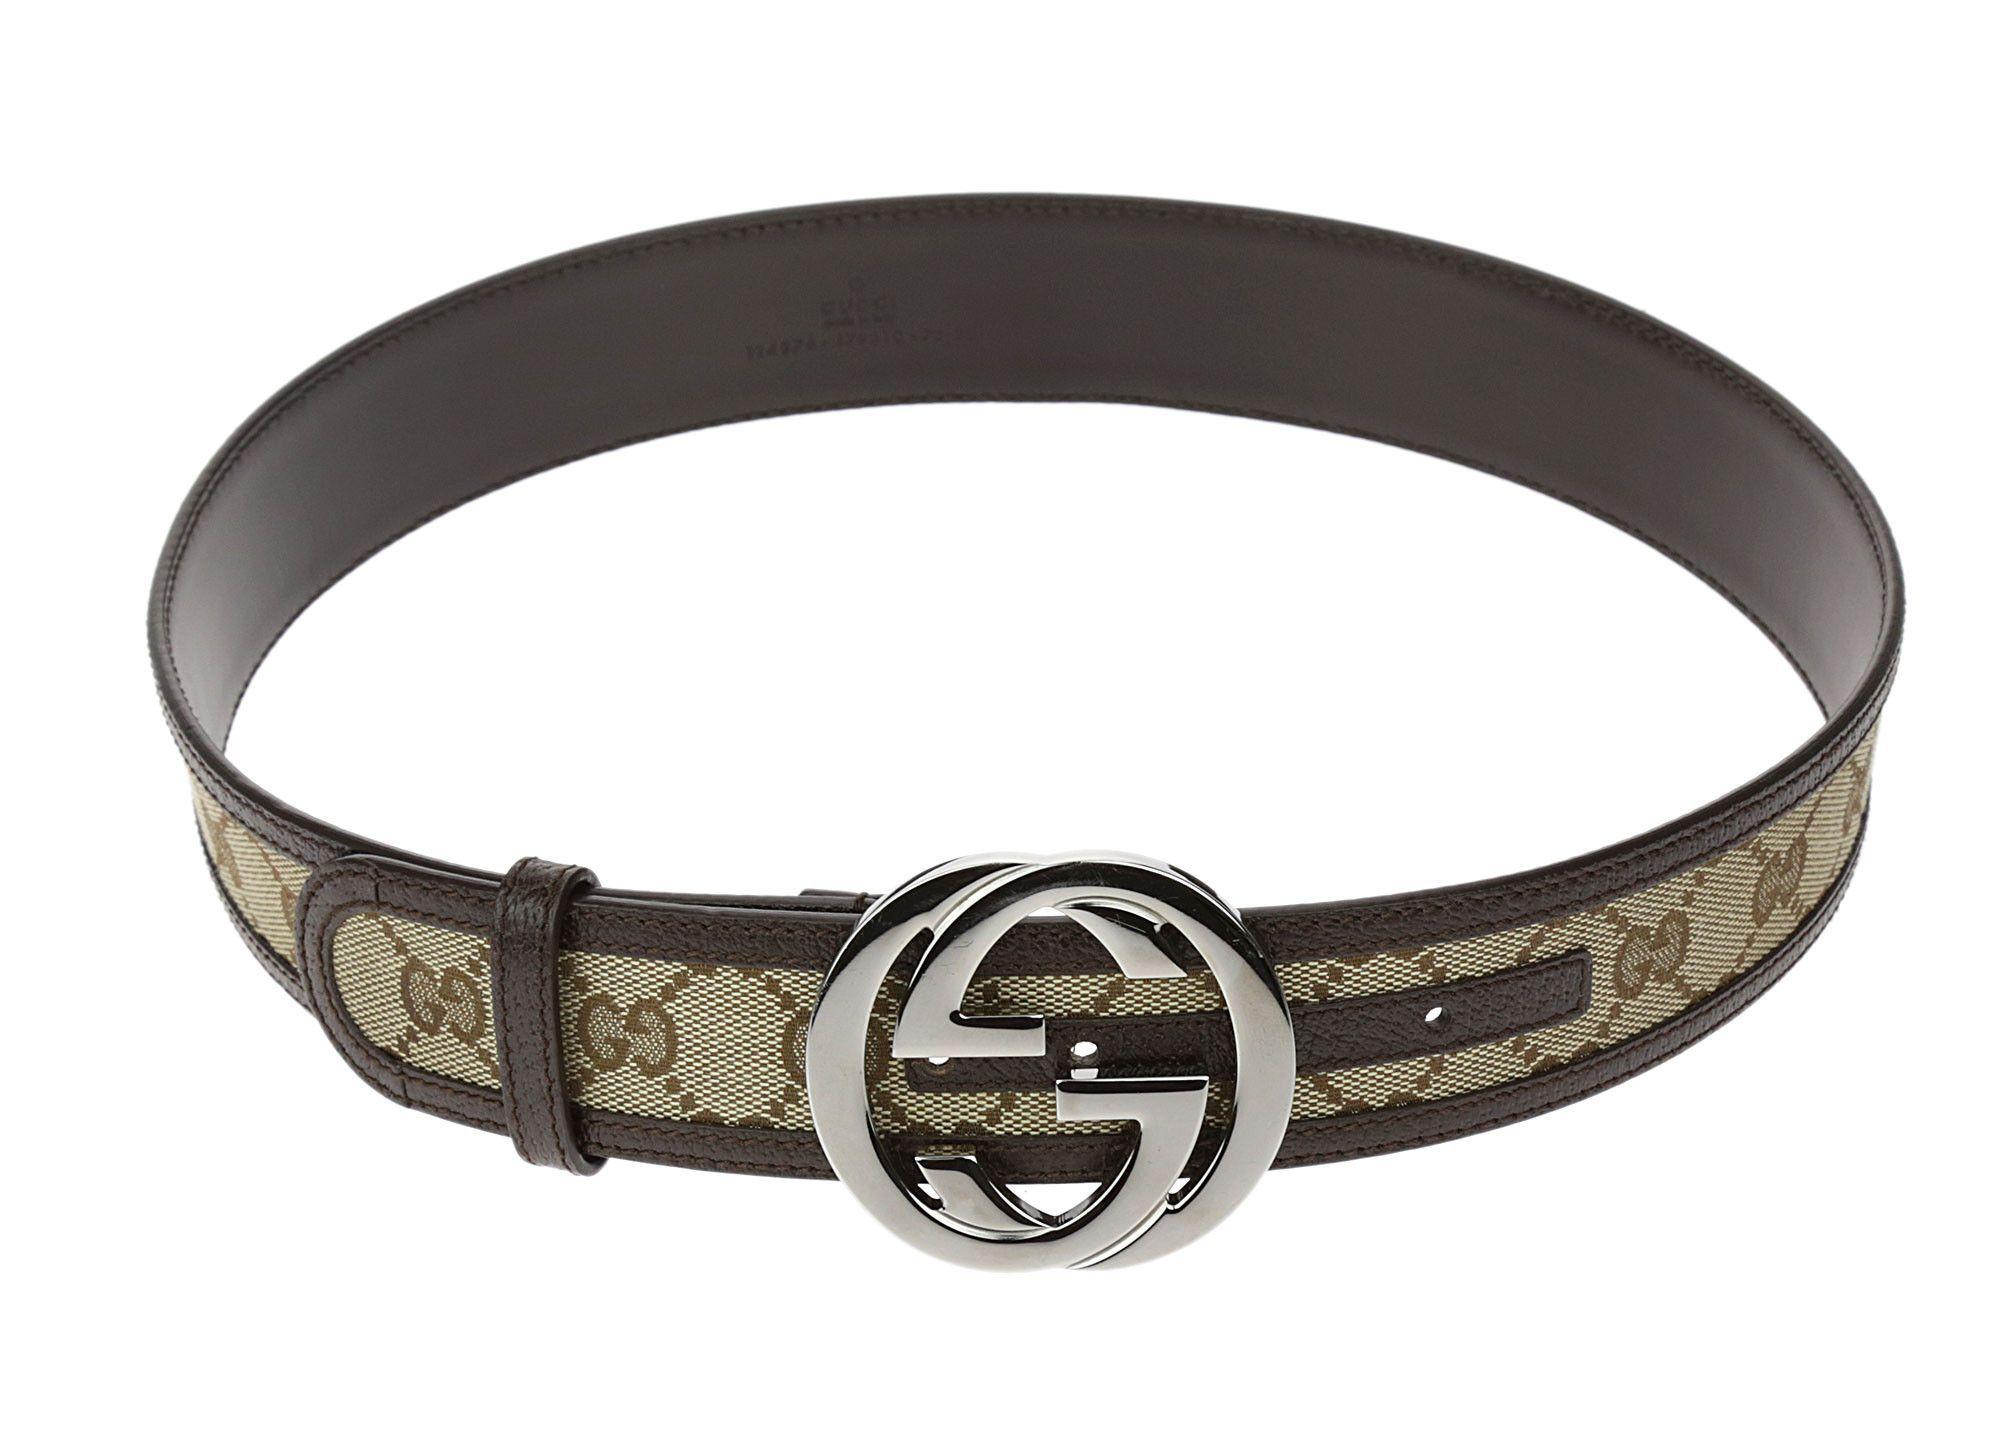 45af70dc1 Gucci Brown GG Monogram Belt Interlocking G Buckle 75/30   Gucci ...